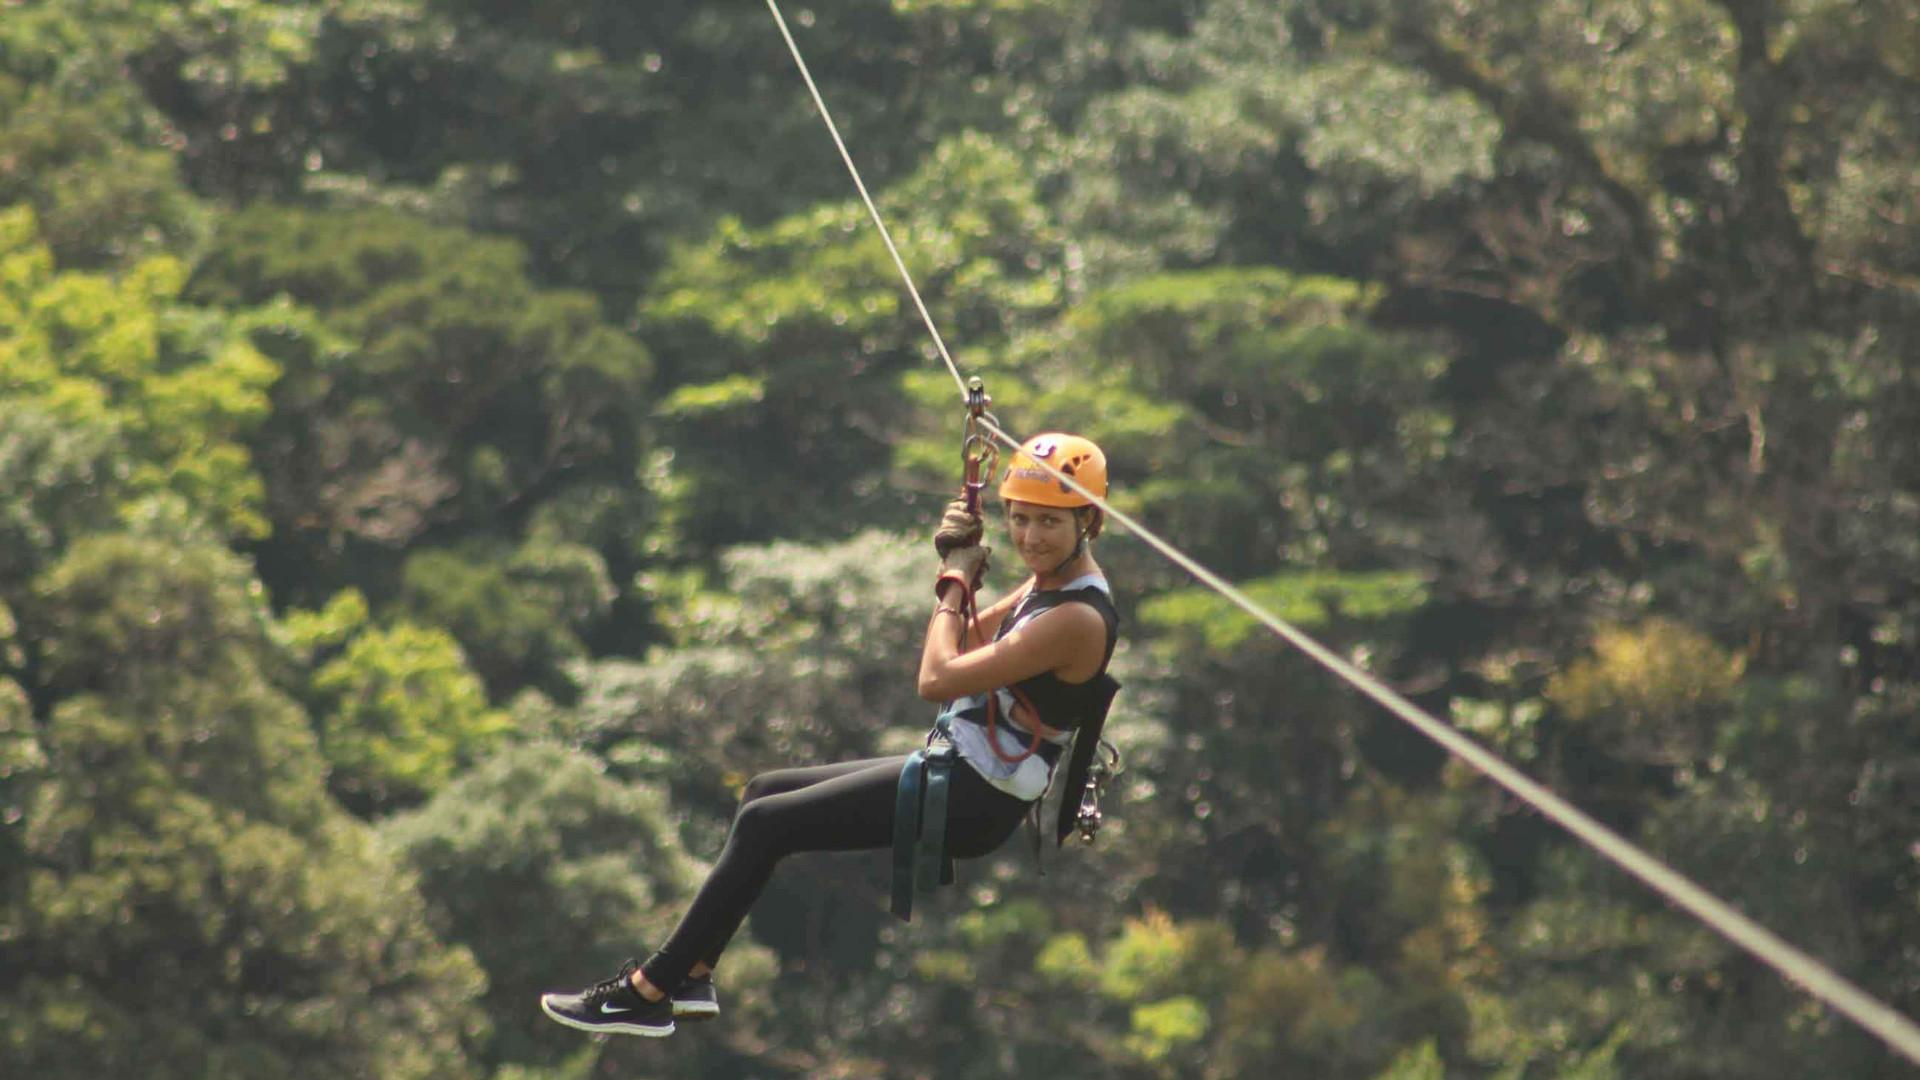 Monteverde Costa Rica zipline adventure guest hanging and zipping accross